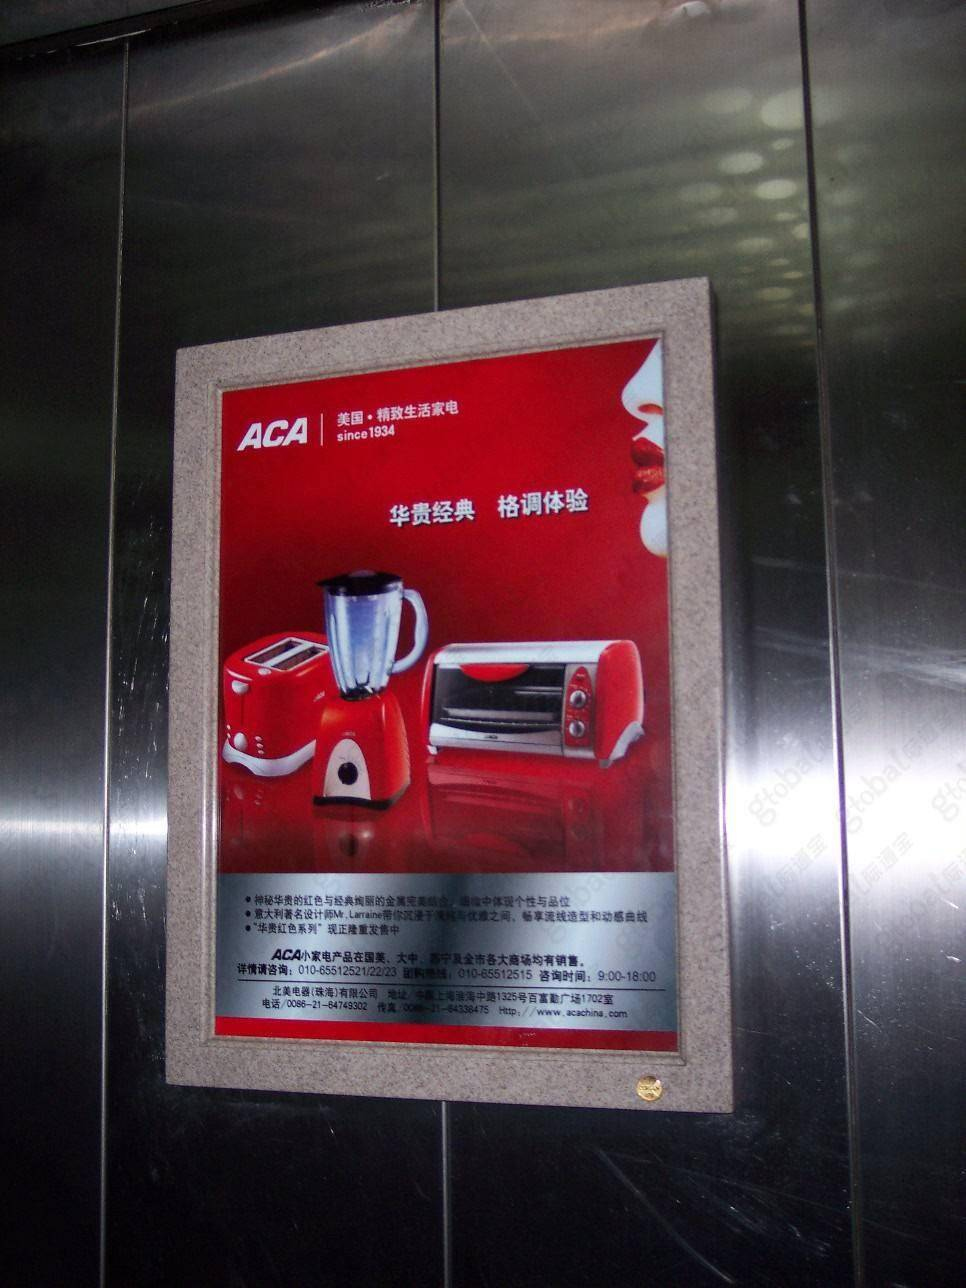 合肥电梯广告公司广告牌框架3.0投放(100框起投)